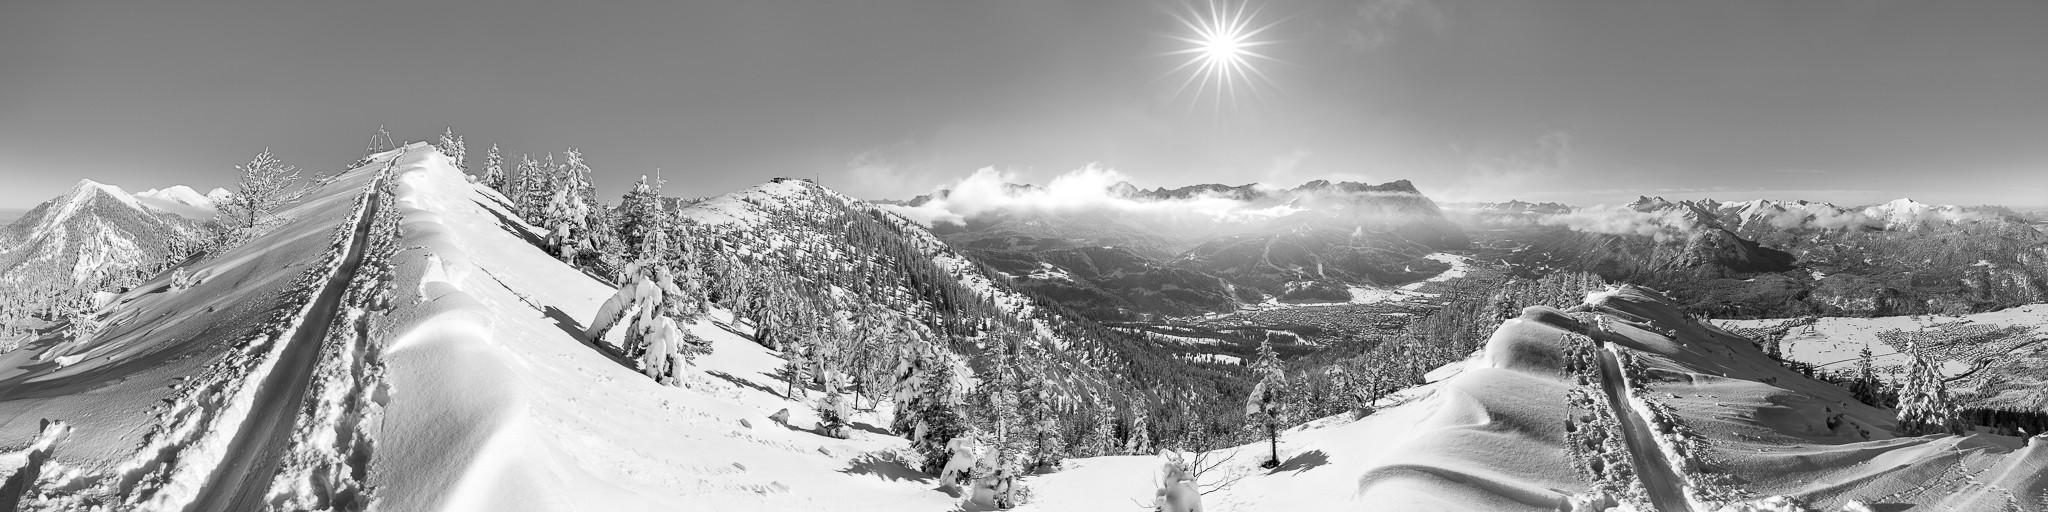 Wank - Garmisch-Partenkirchen - Winterpanorama  schwarz weiß